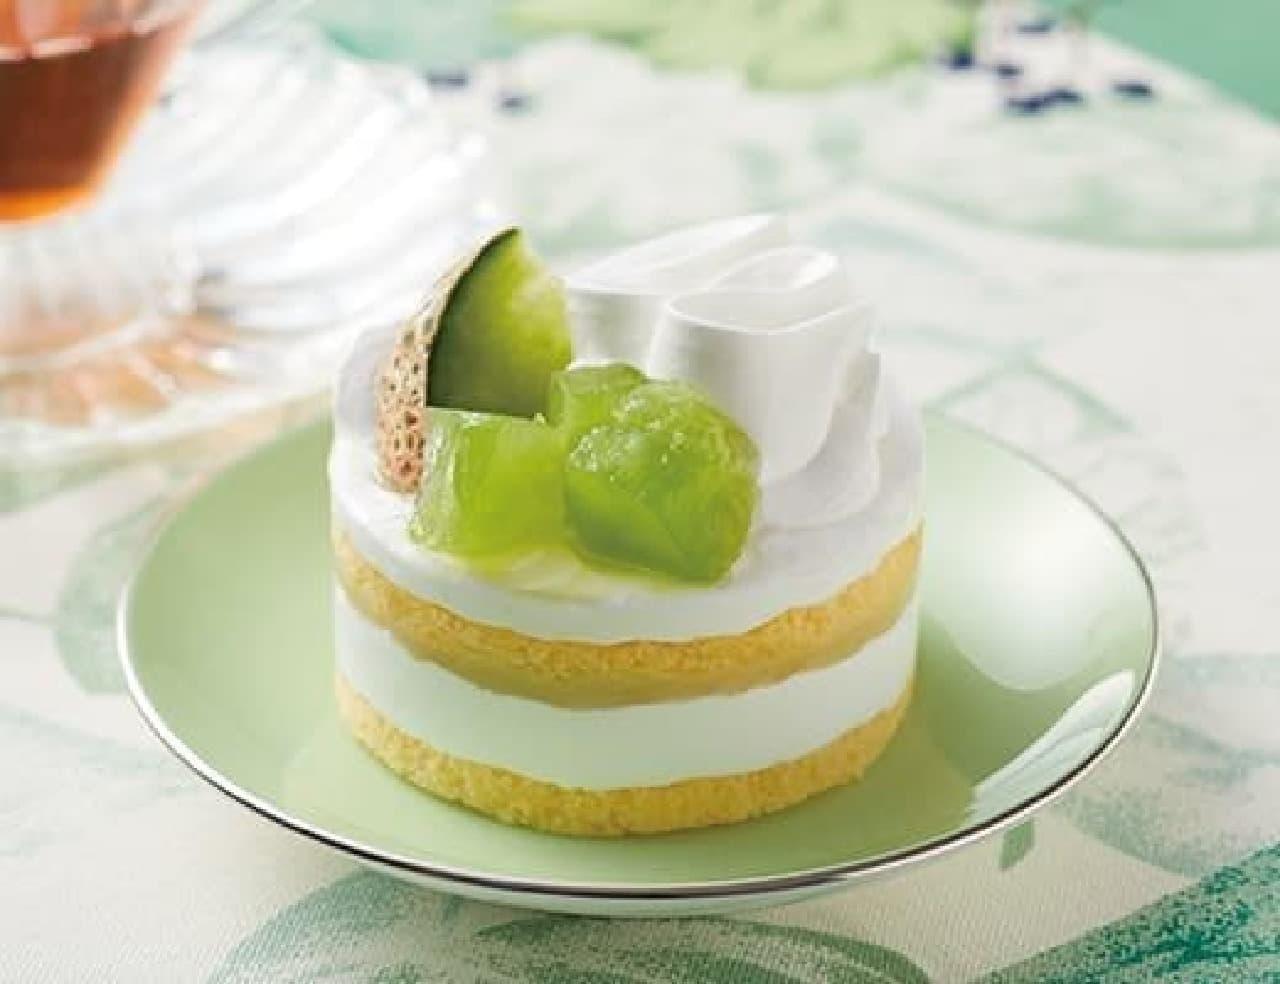 ローソン「メロンのショートケーキ(茨城県産メロントッピング)」